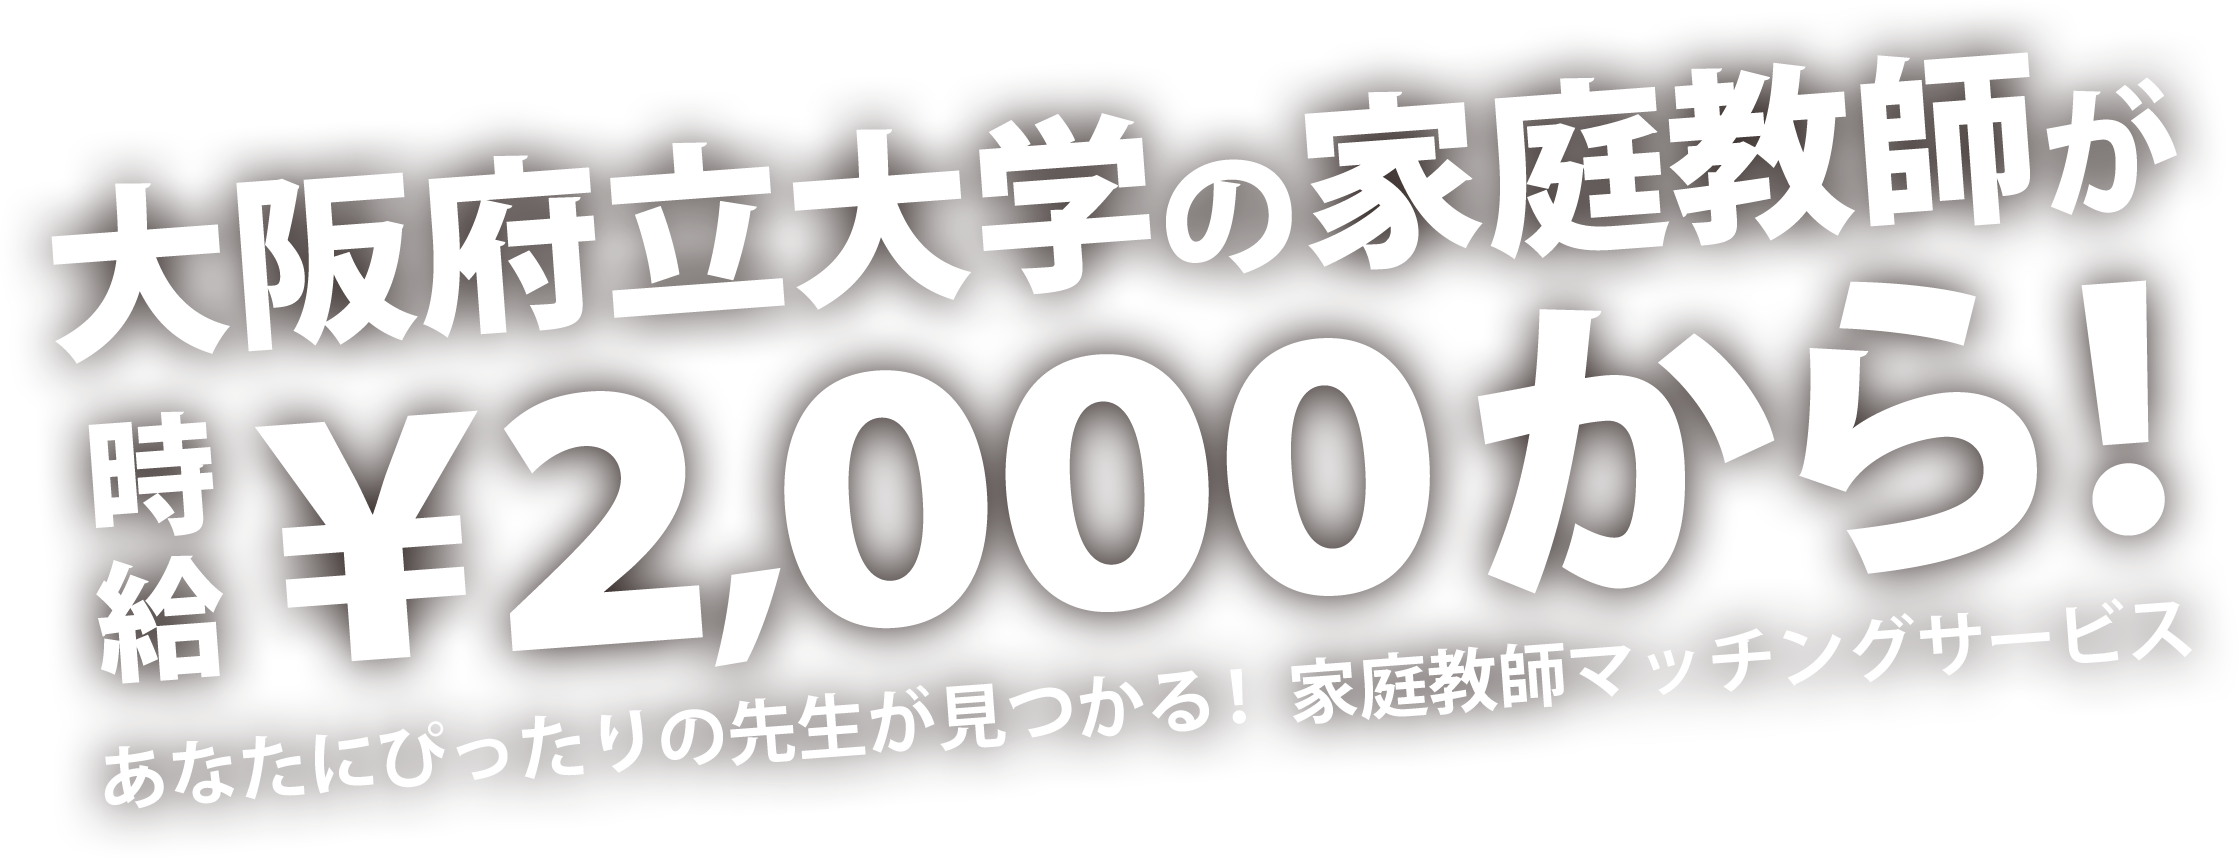 大阪府立大学の家庭教師が時給¥2,000から!あなたにぴったりの先生が見つかる!家庭教師マッチングサービス